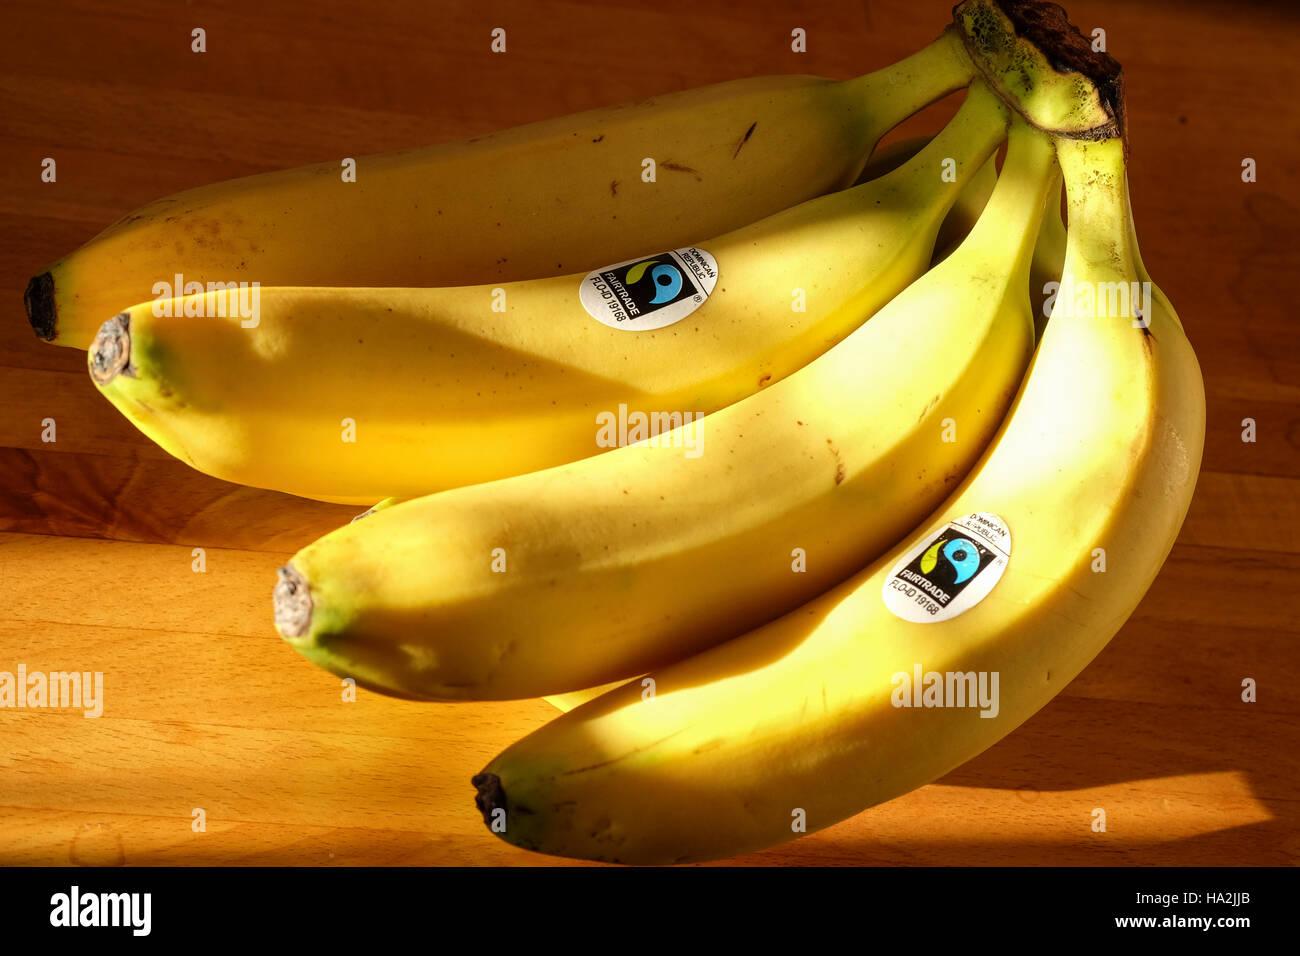 Grappolo di banane con il commercio equo e solidale etichetta adesiva Immagini Stock